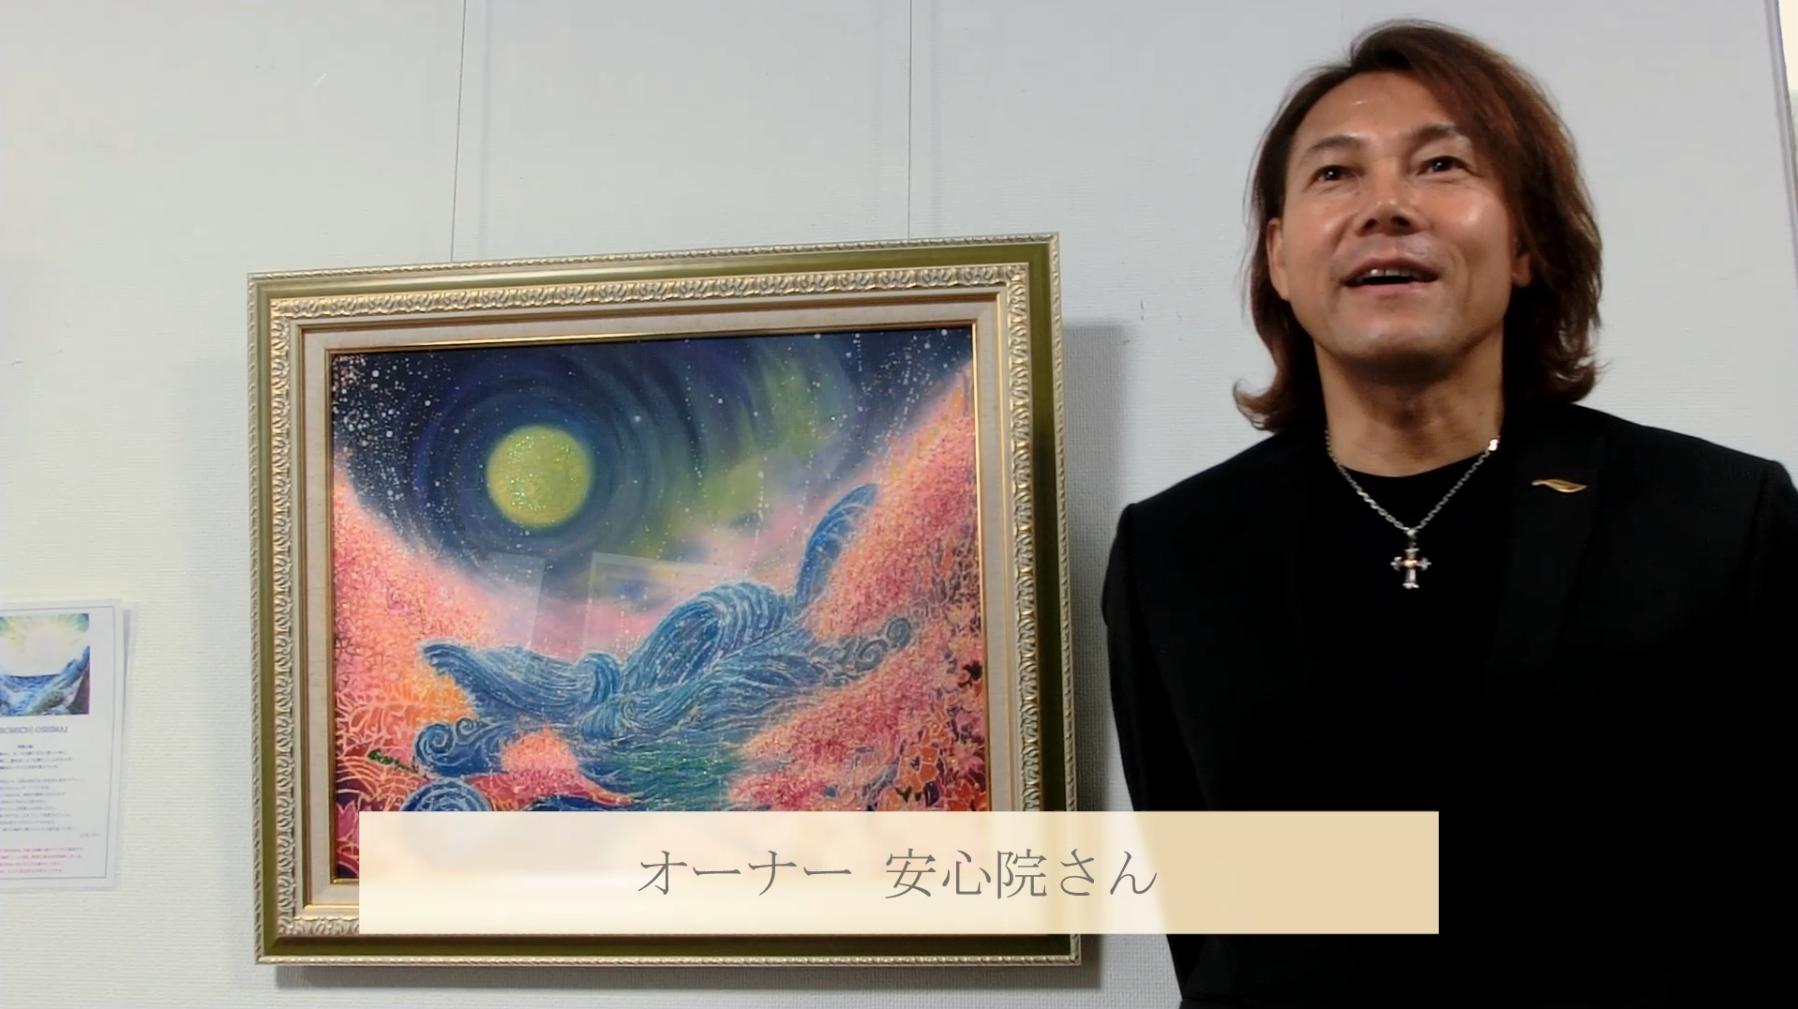 【動画】オーナーズインタビュー:安心院さん